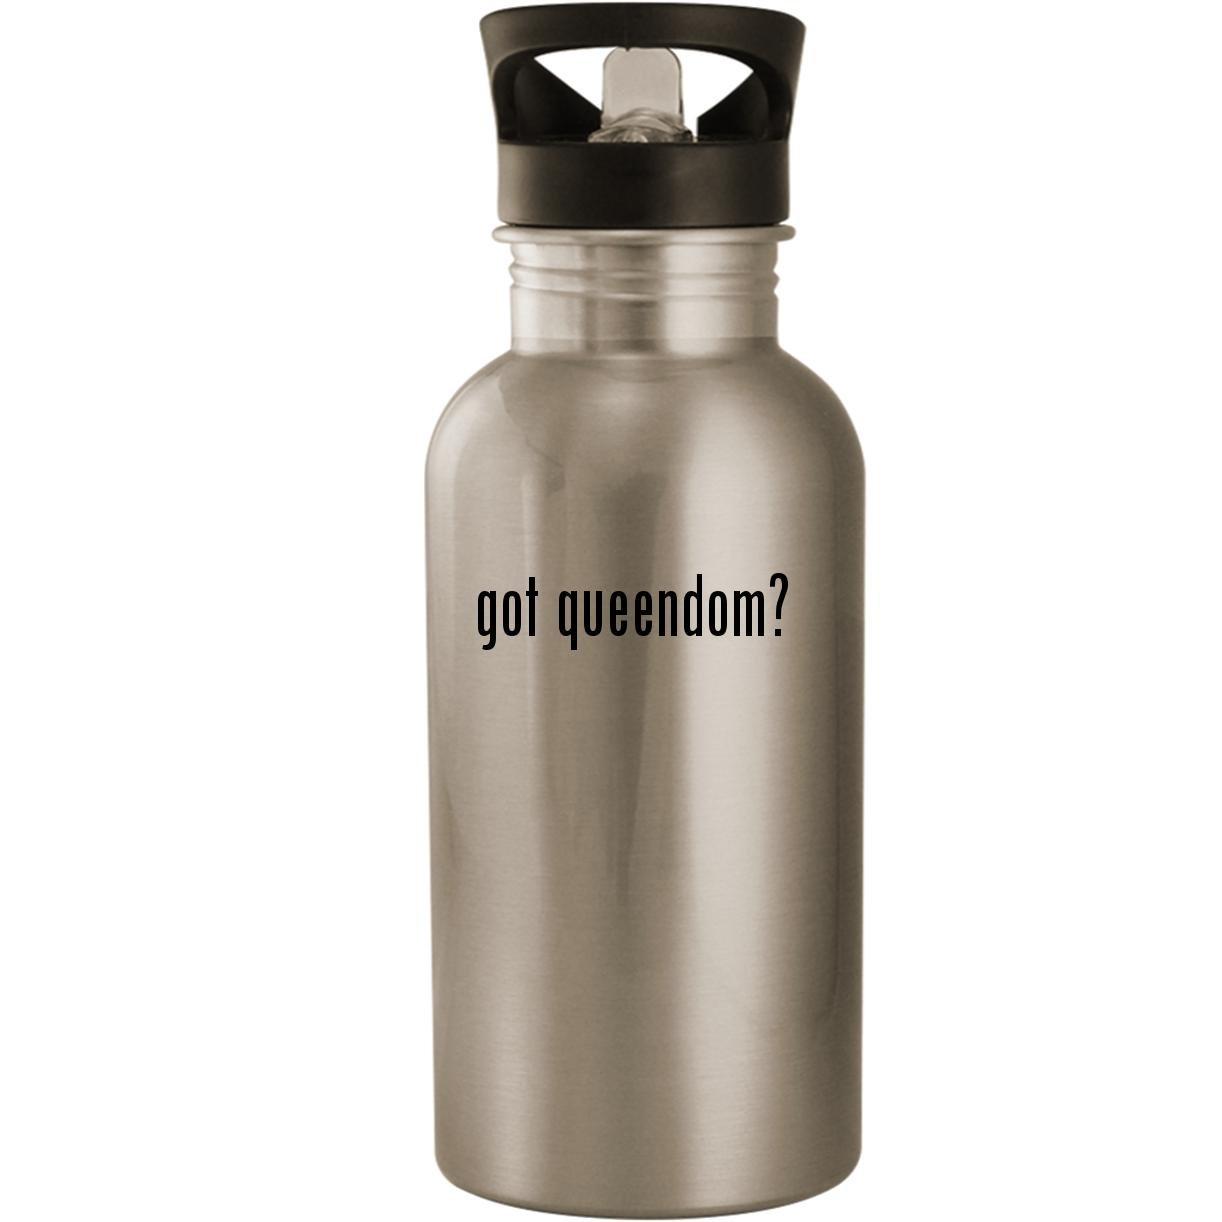 Got Queendom  – ステンレススチール20oz Road Ready水ボトル シルバー US-C-07-18-01-046754-04-26-18-26 B07FMNX1TS  シルバー